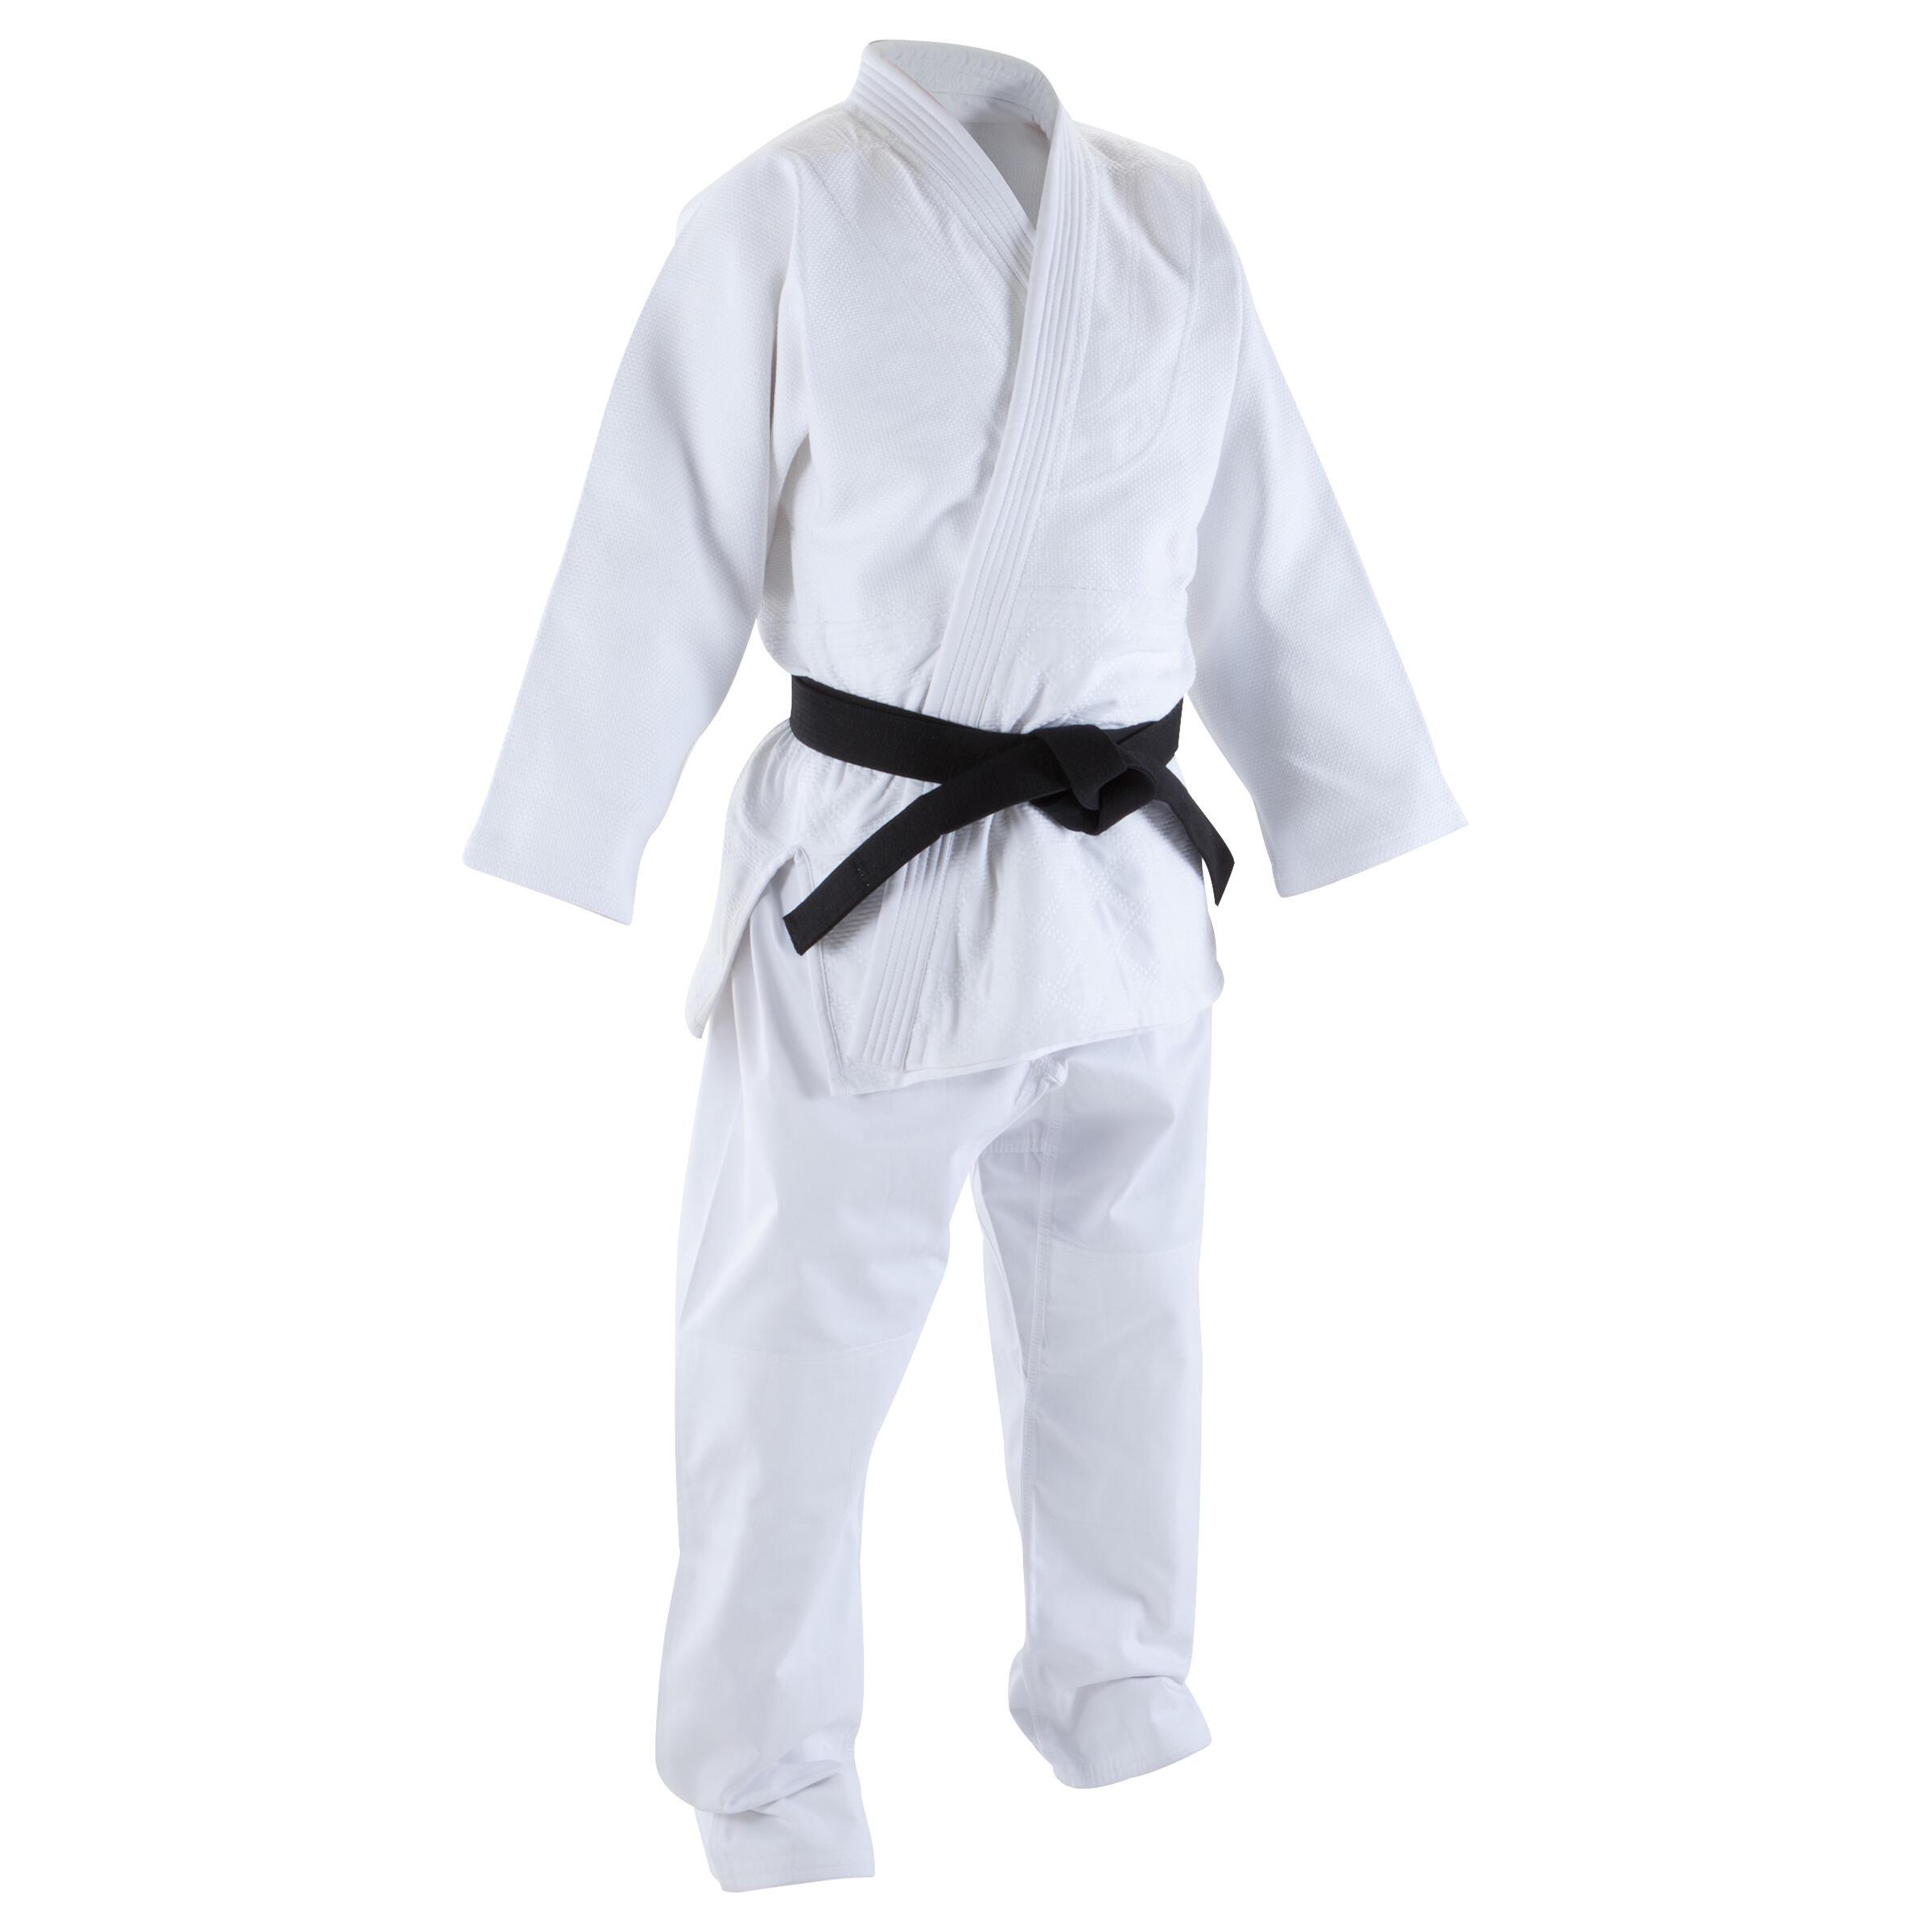 Judoanzug 730 Erwachsene | Sportbekleidung > Sportanzüge > Judoanzüge | Outshock